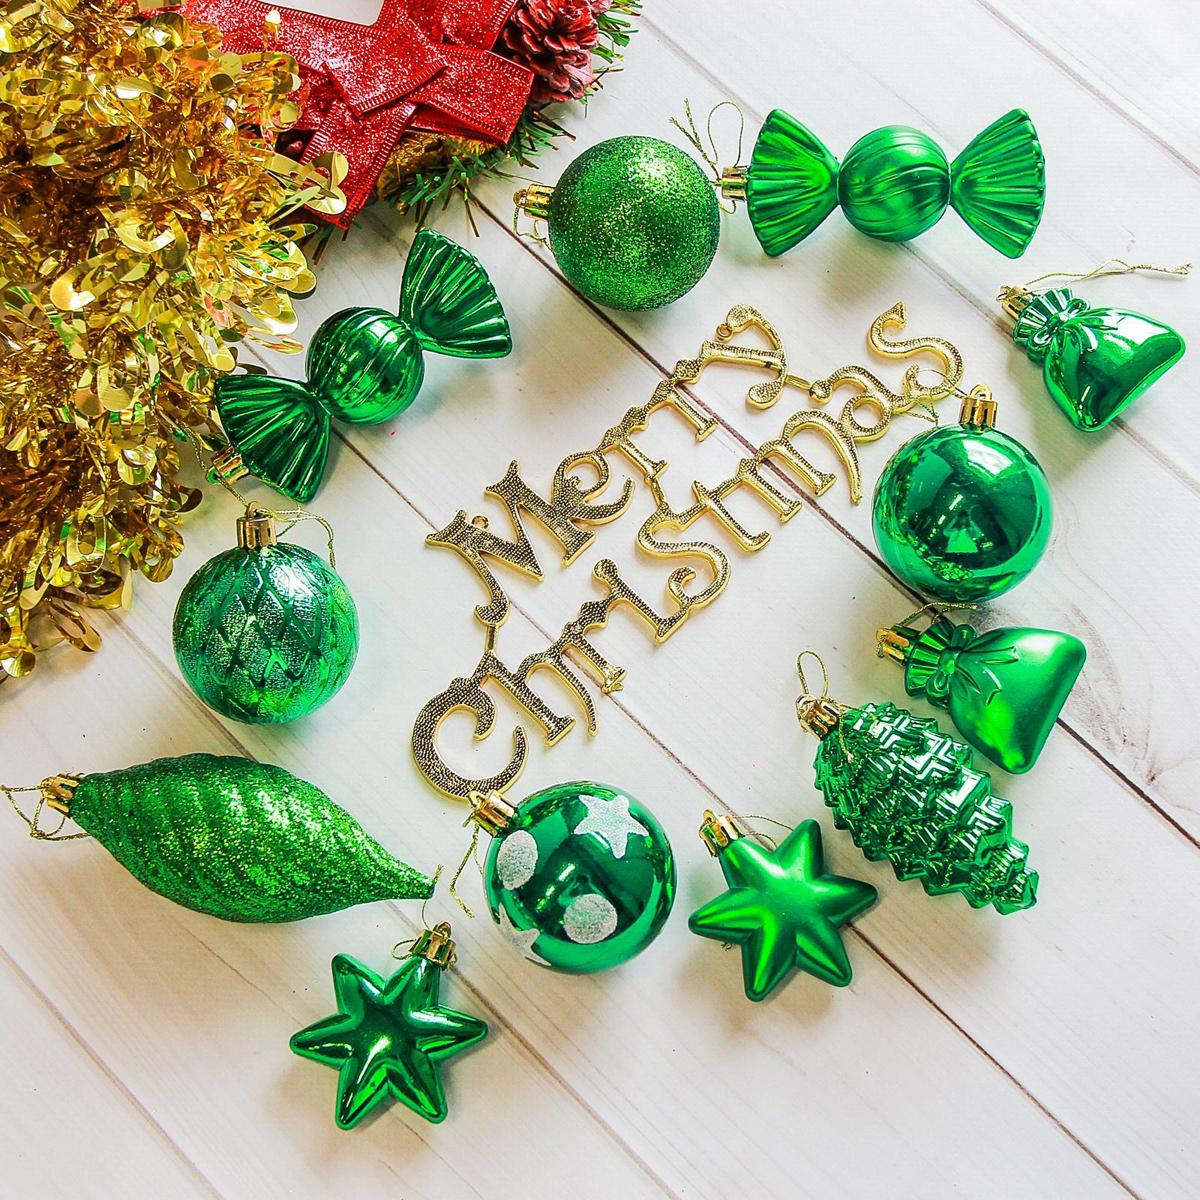 Набор новогодних подвесных украшений Sima-land Модэсто, цвет: зеленый, 35 шт2178266Набор новогодних подвесных украшений Sima-land отлично подойдет для декорации вашего дома и новогодней ели. С помощью специальной петельки украшение можно повесить в любом понравившемся вам месте. Но, конечно, удачнее всего оно будет смотреться на праздничной елке. Елочная игрушка - символ Нового года. Она несет в себе волшебство и красоту праздника. Создайте в своем доме атмосферу веселья и радости, украшая новогоднюю елку нарядными игрушками, которые будут из года в год накапливать теплоту воспоминаний.